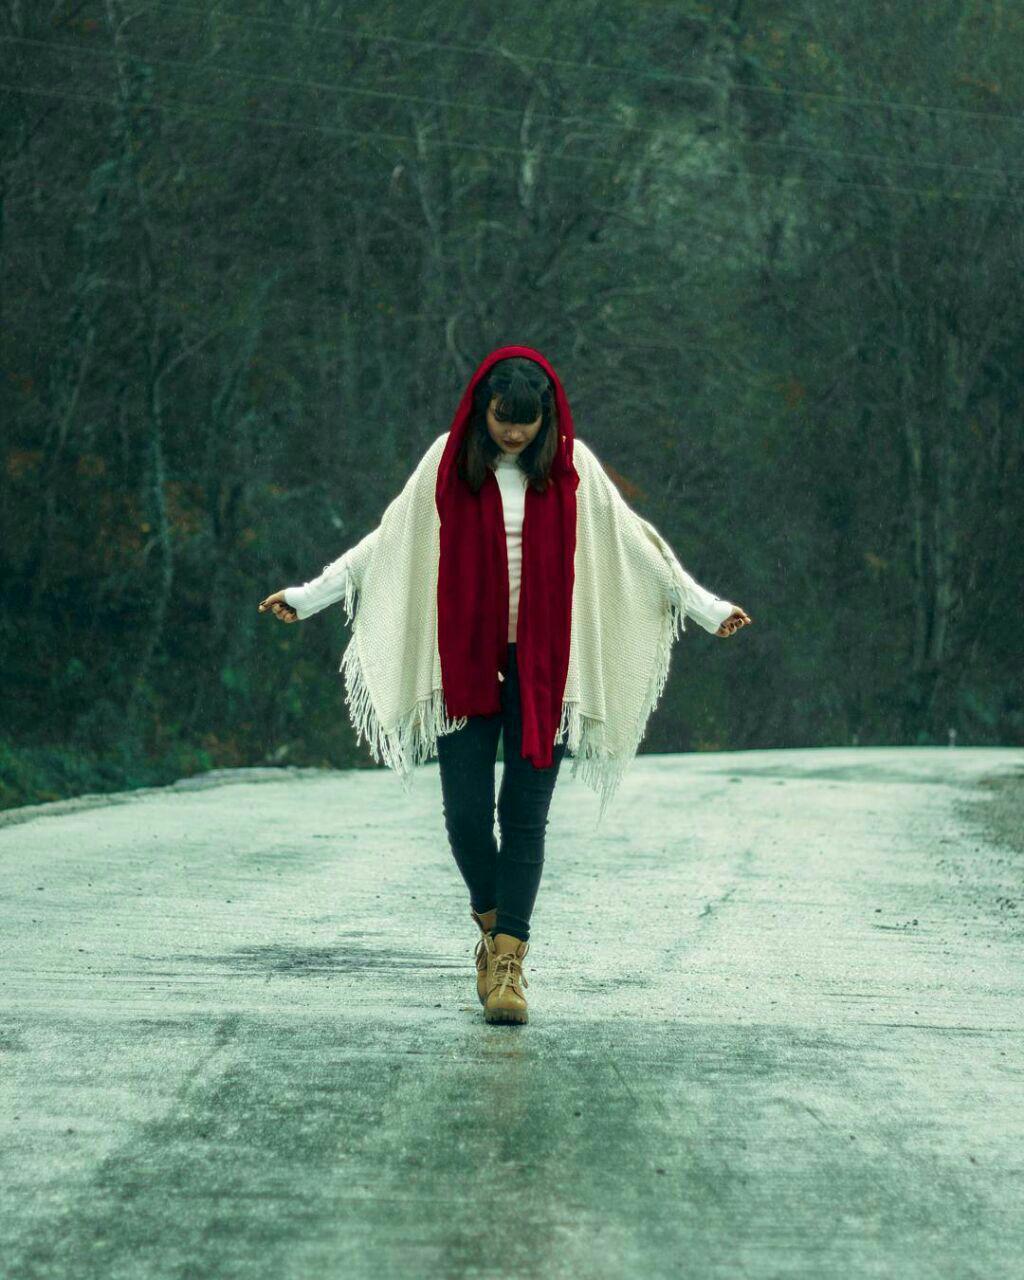 عکس دختر در جاده